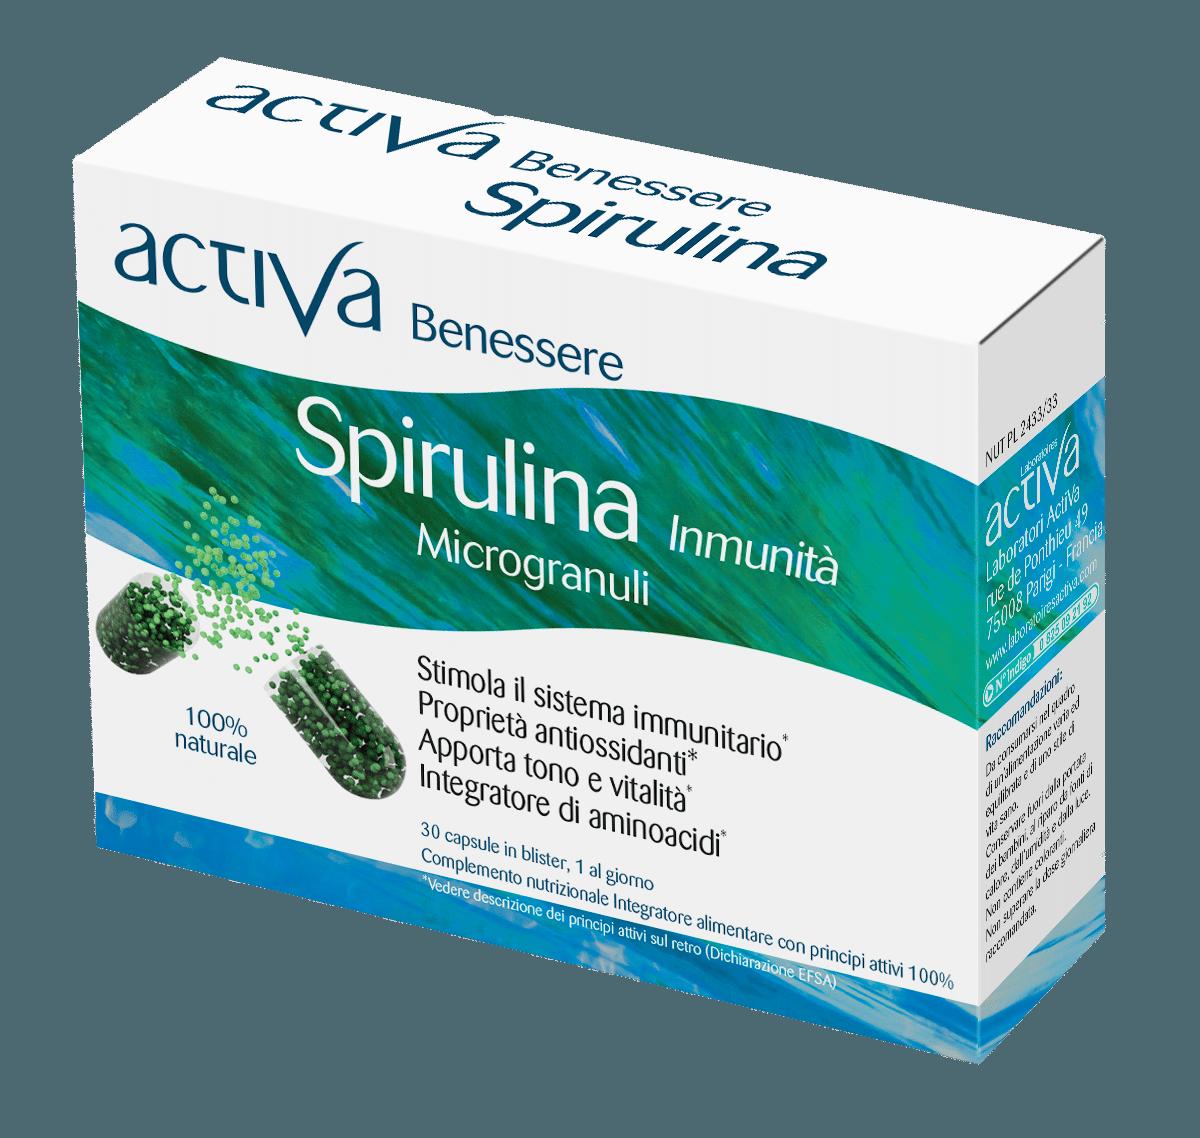 Benessere Spirulina